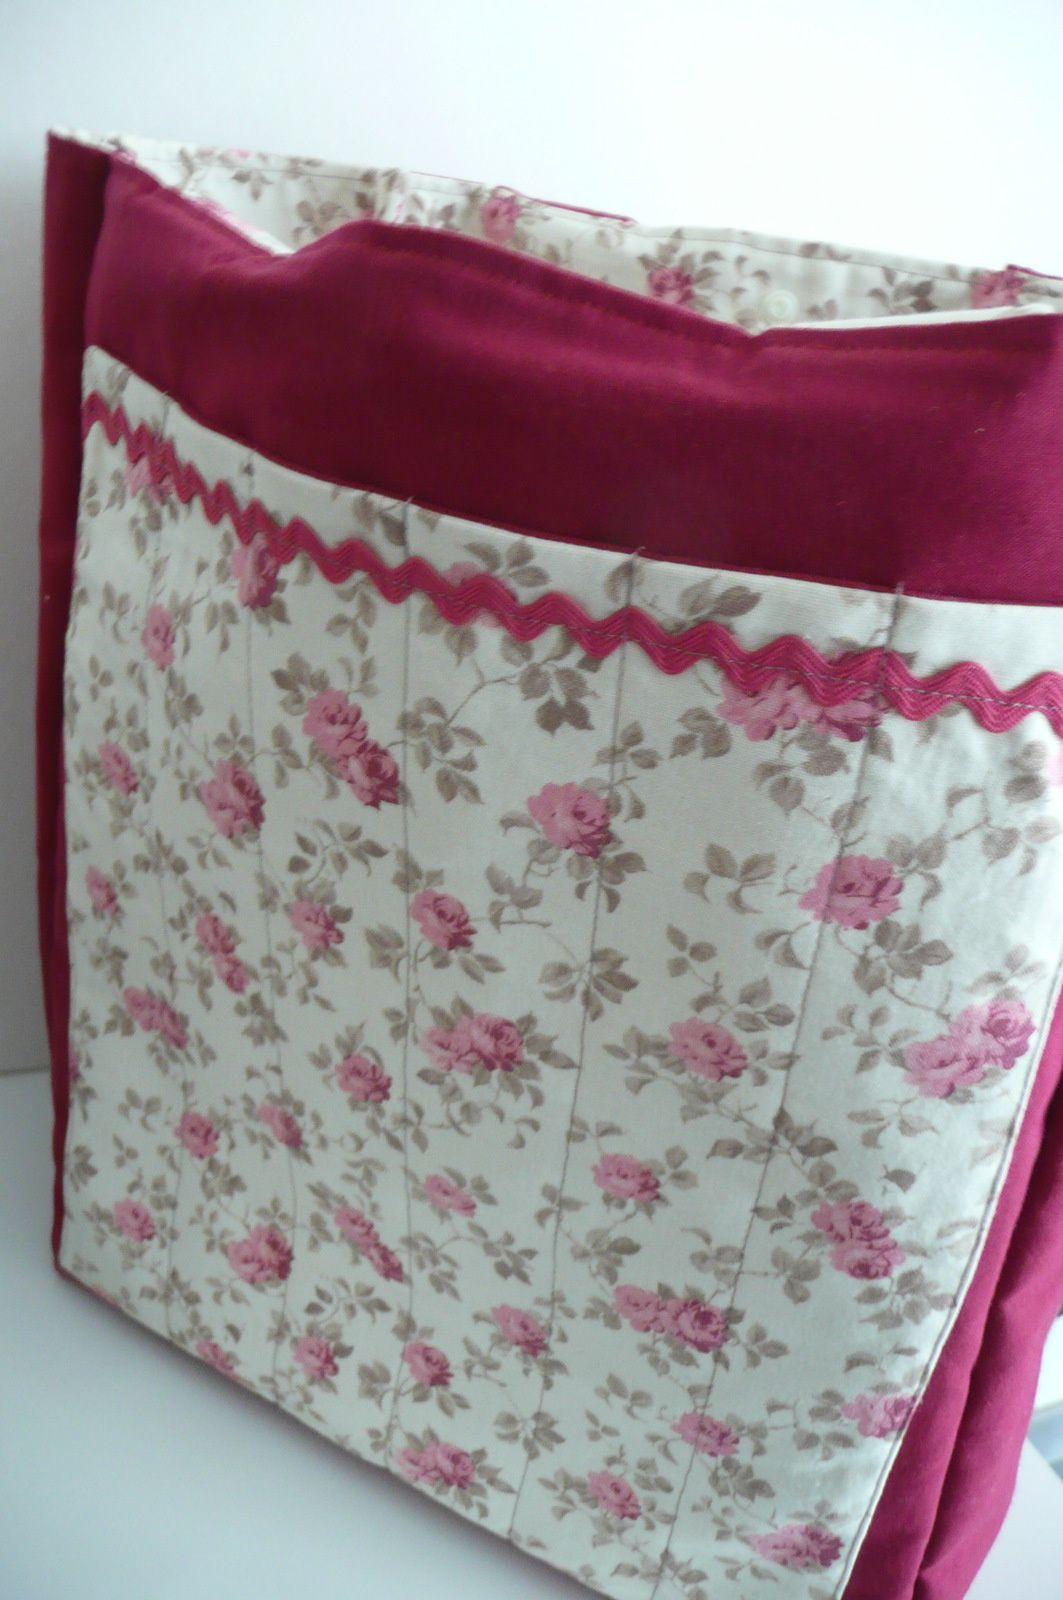 d'un côté des bandes cousues pour ranger les aiguilles à tricot biensûr et de l'autre une poche pour les livres